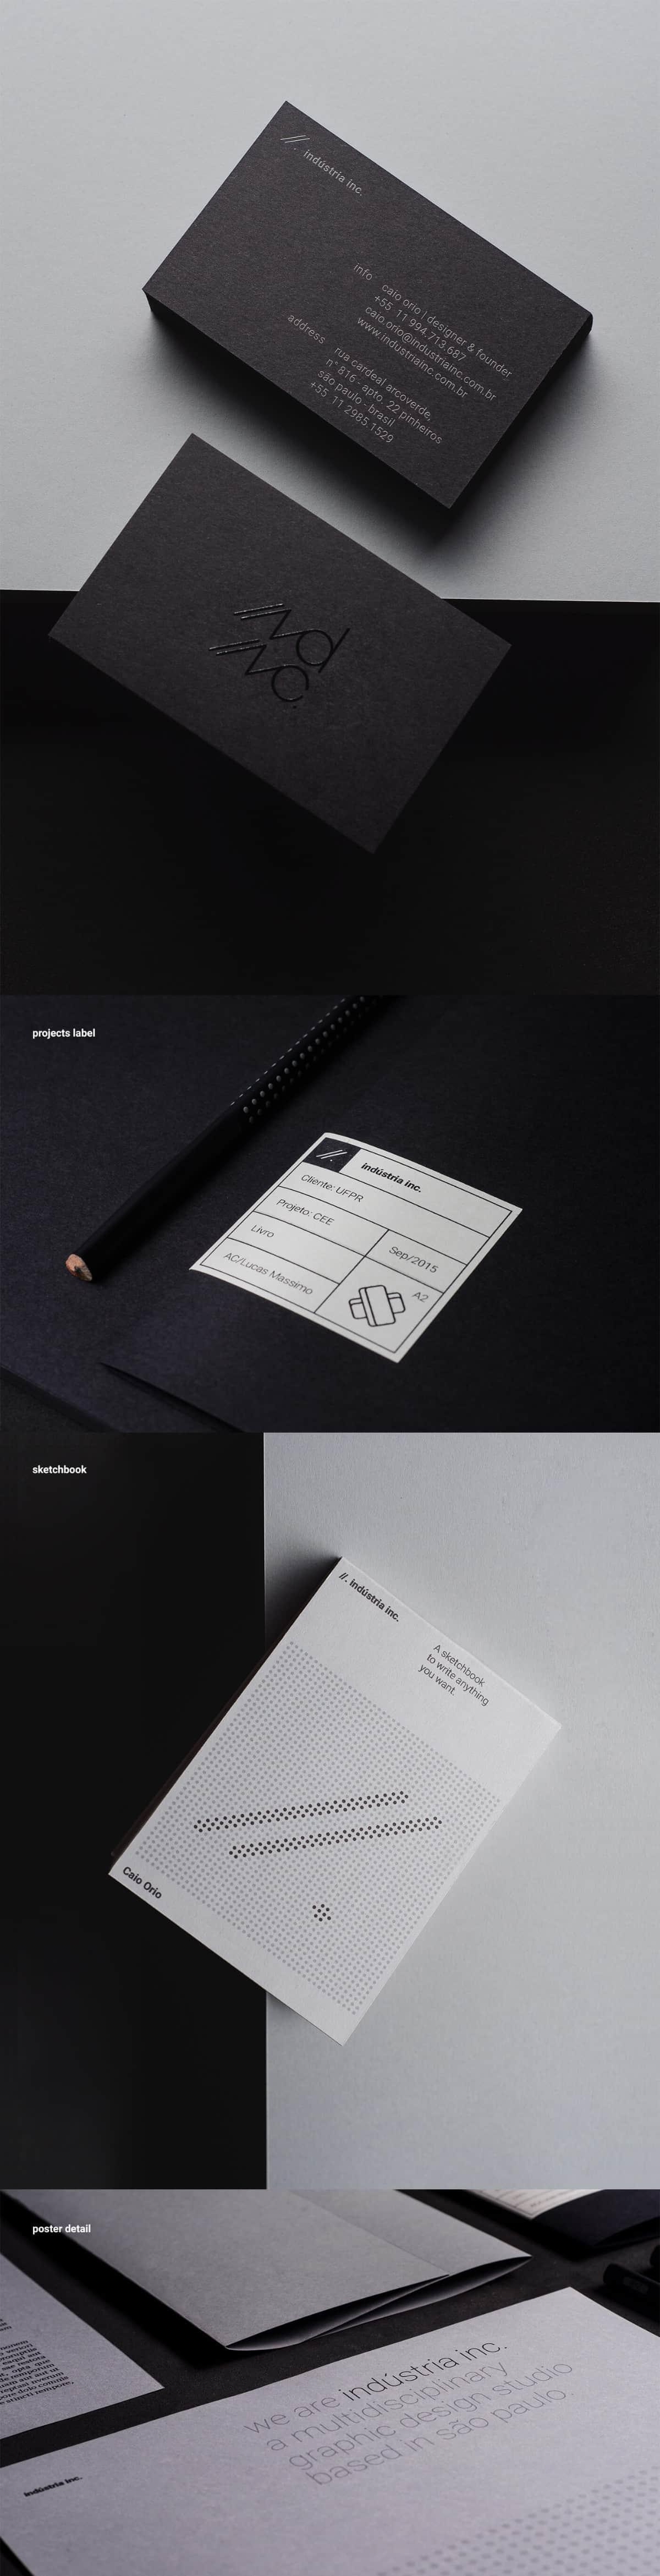 平面設計工作室名片設計範本